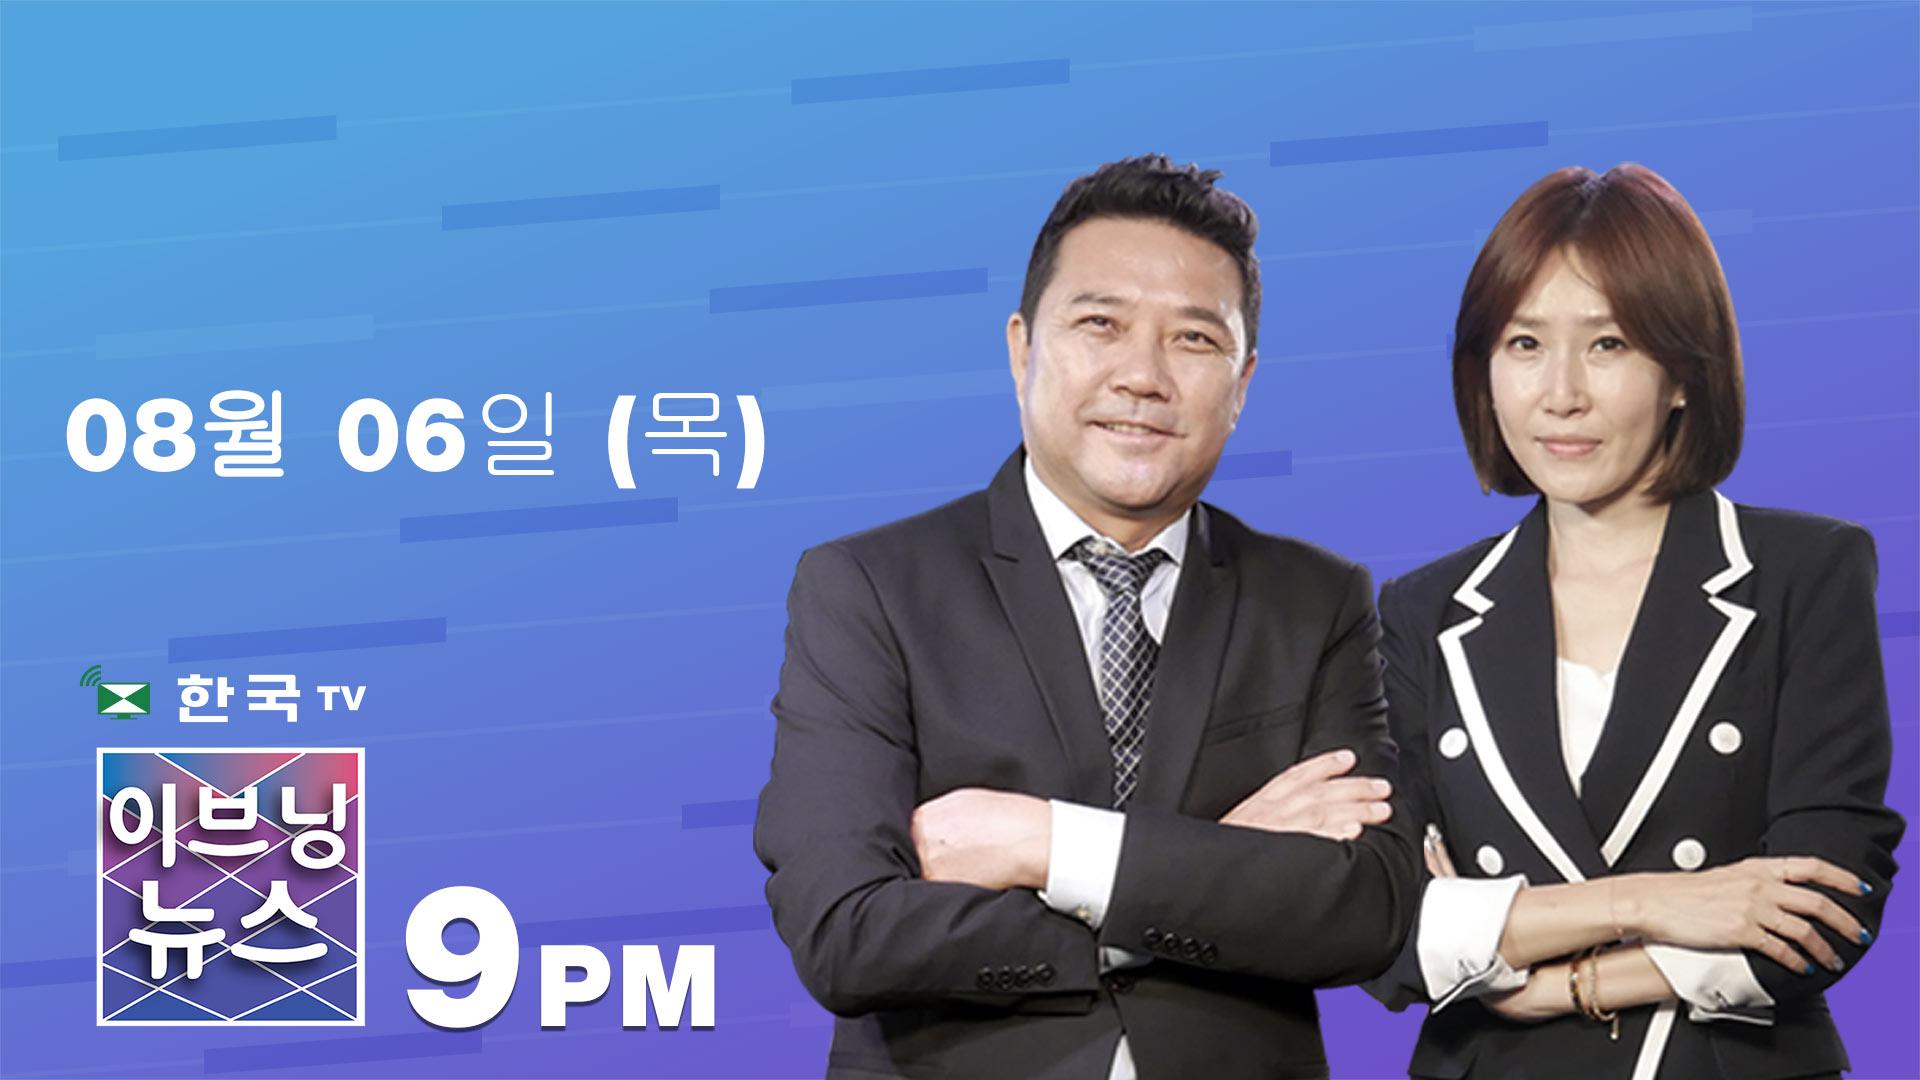 (08.06.2020) 한국TV 이브닝 뉴스